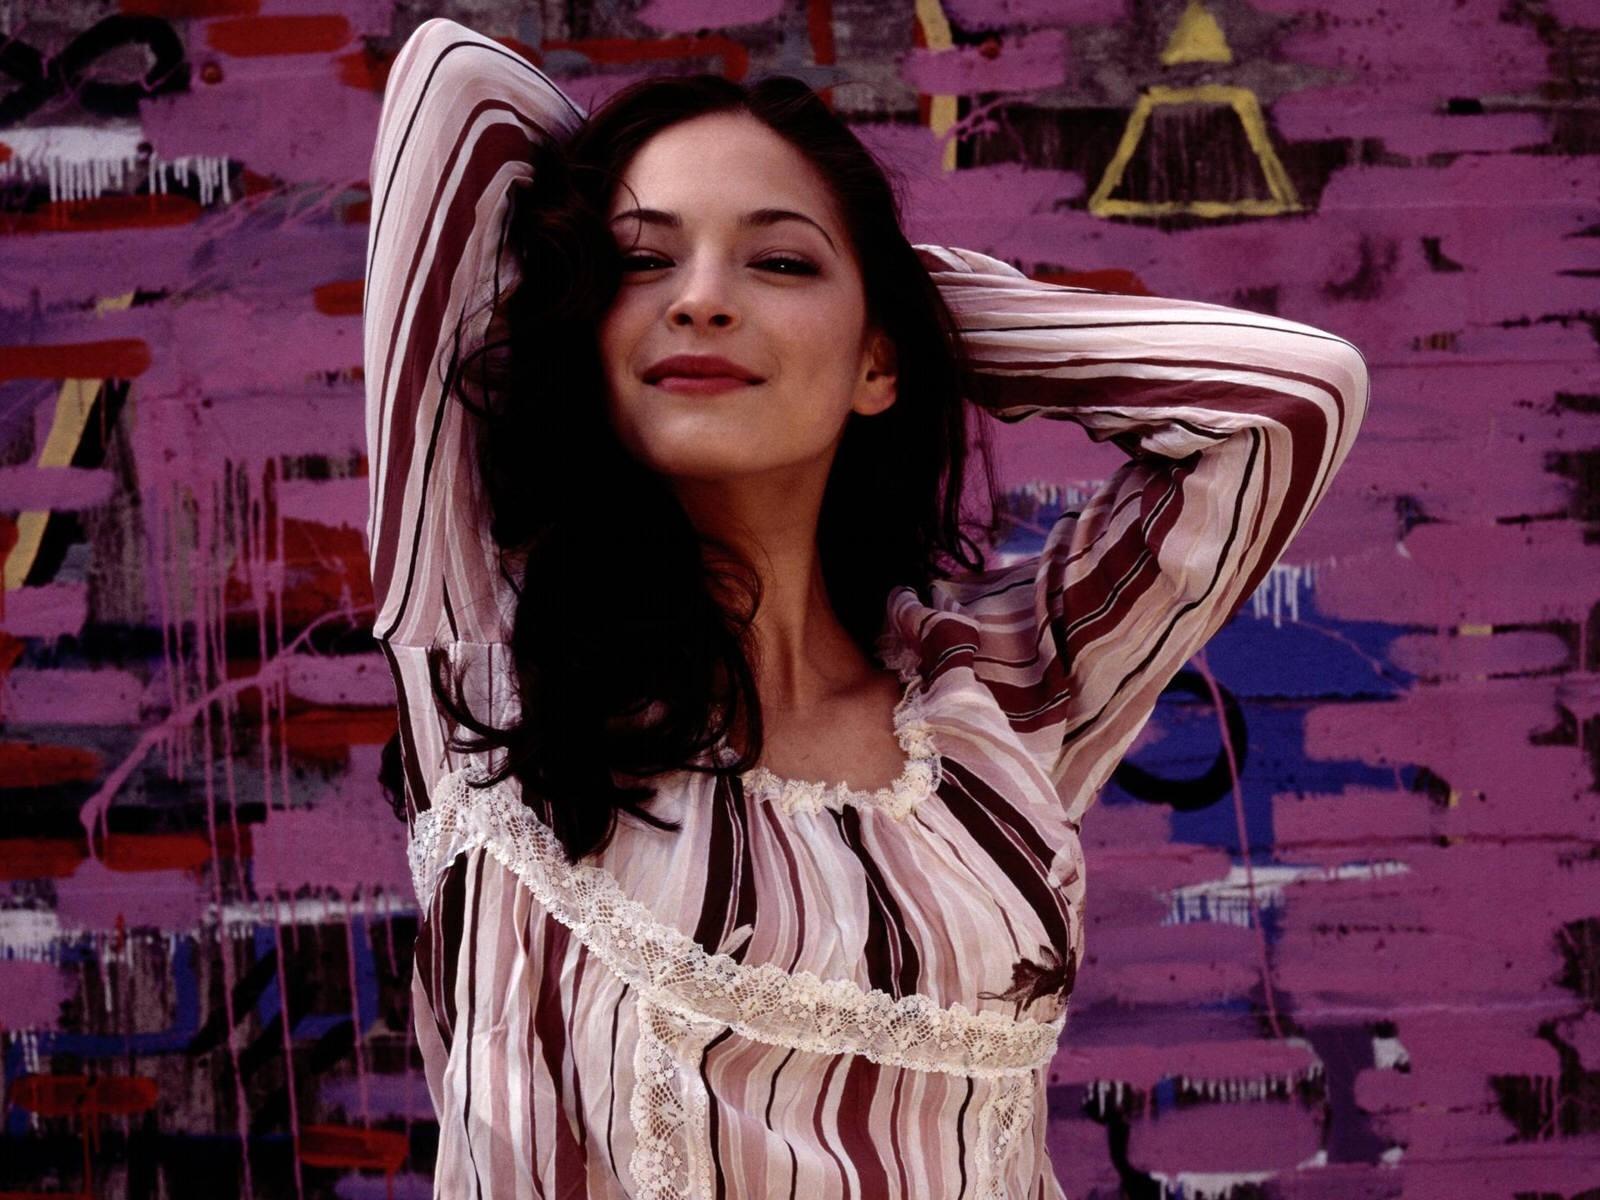 Wallpaper di Kristin Kreuk su sfondo viola